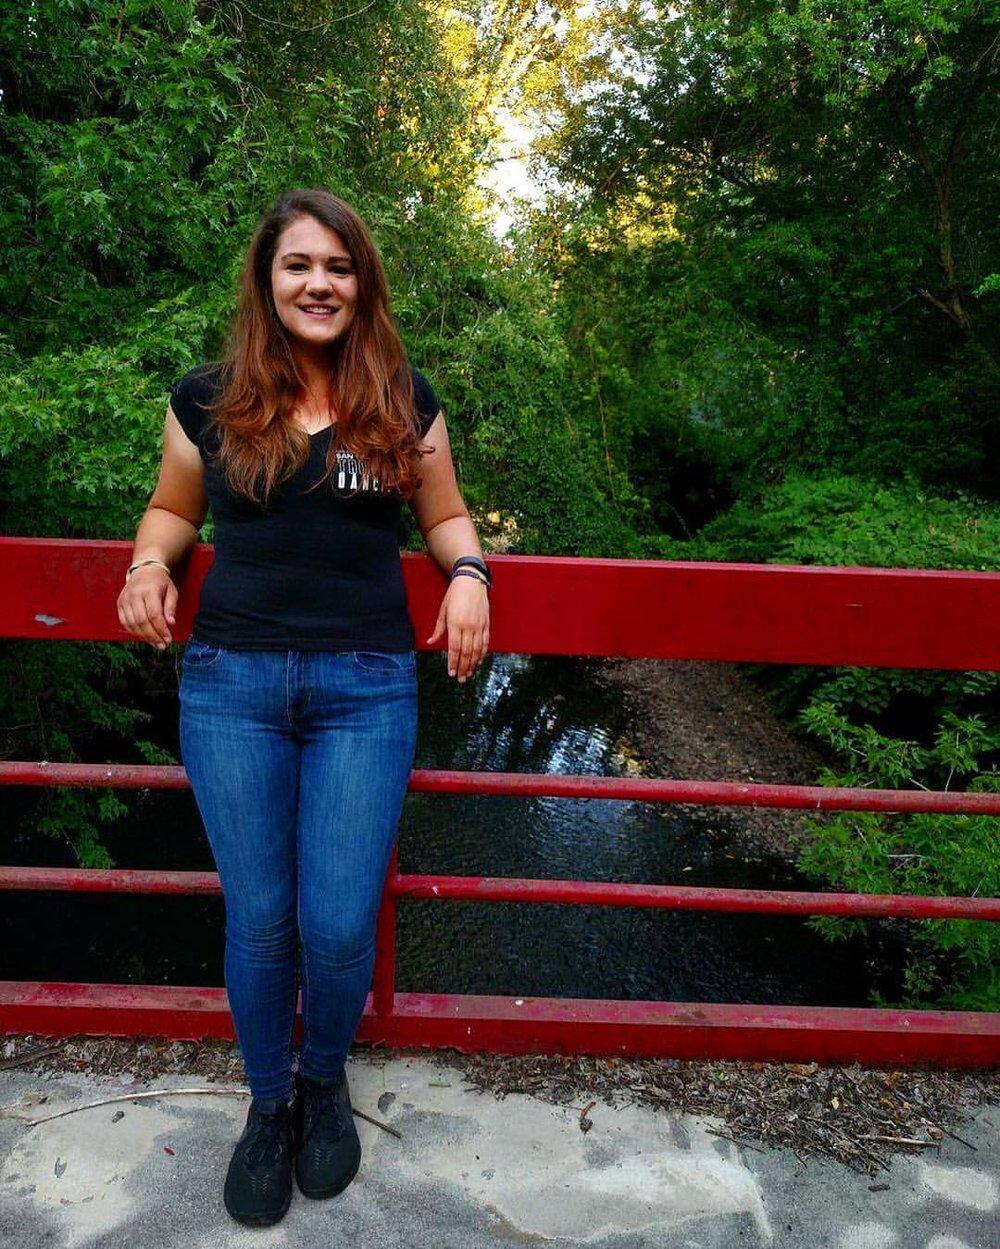 #9 - Middle River Park